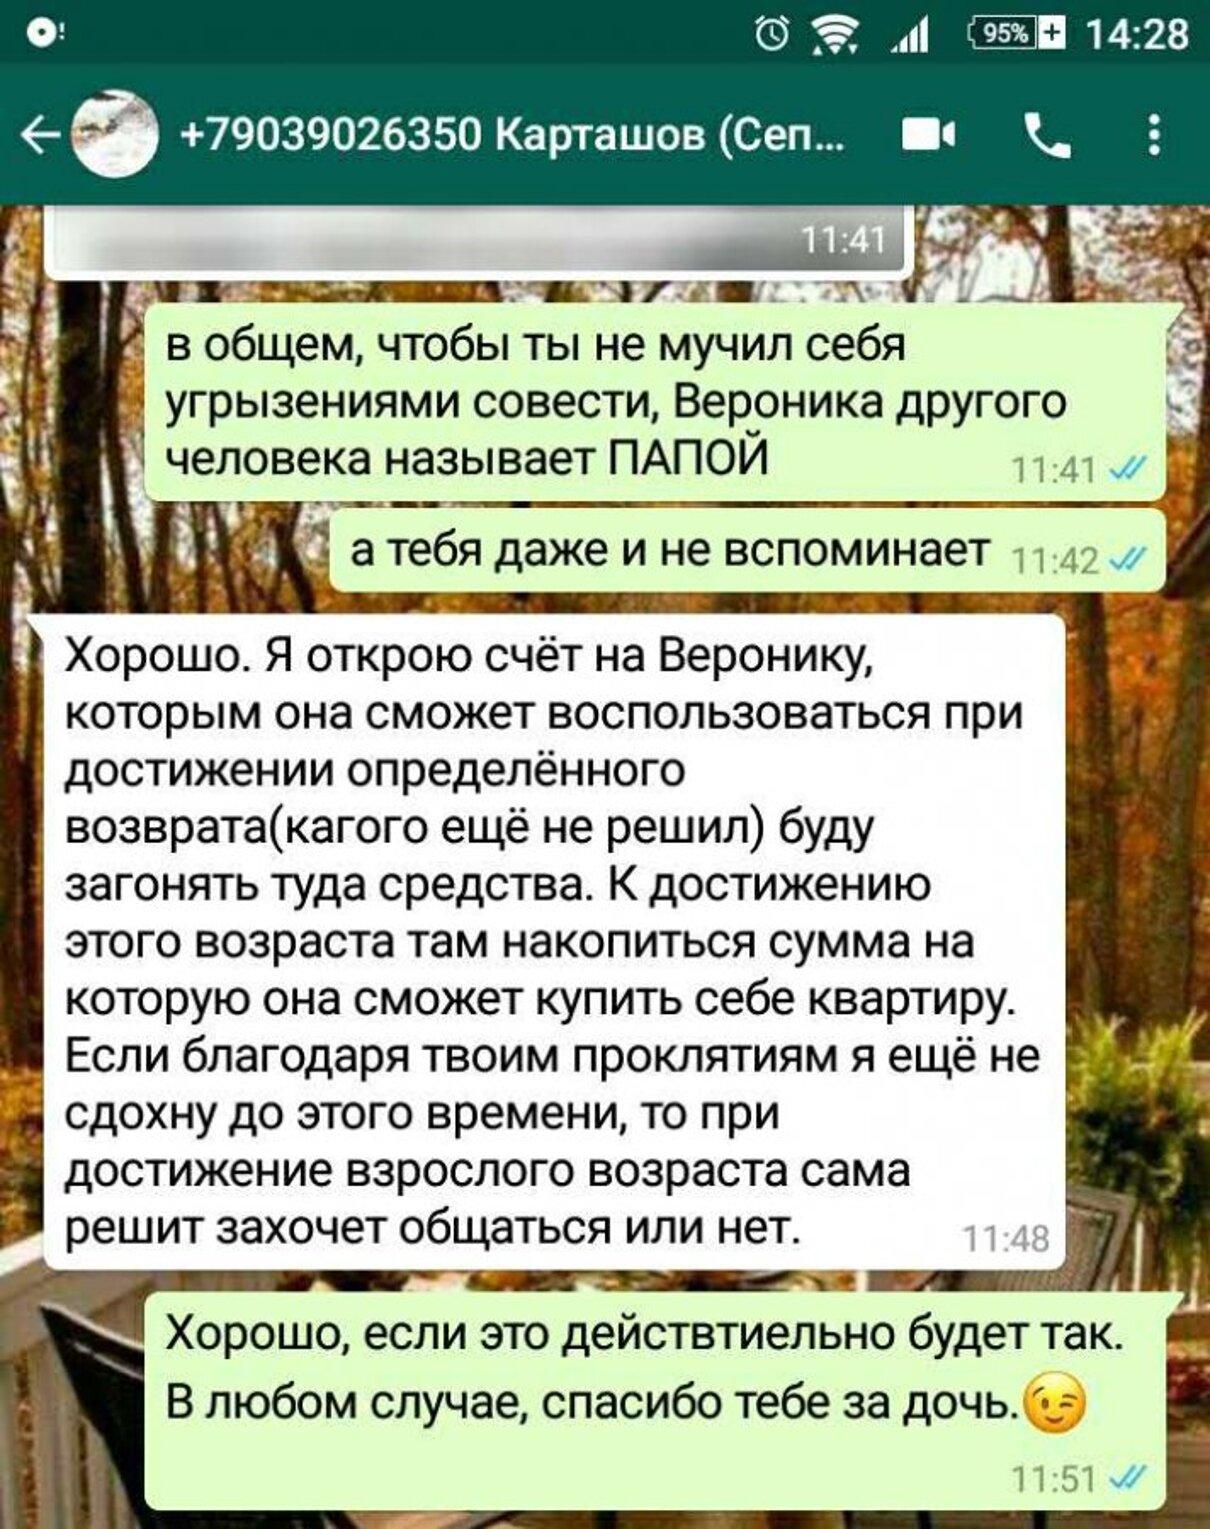 Жалоба-отзыв: Алексей Владимирович КАРТАШОВ - Мошенник и альфонс.  Фото №4